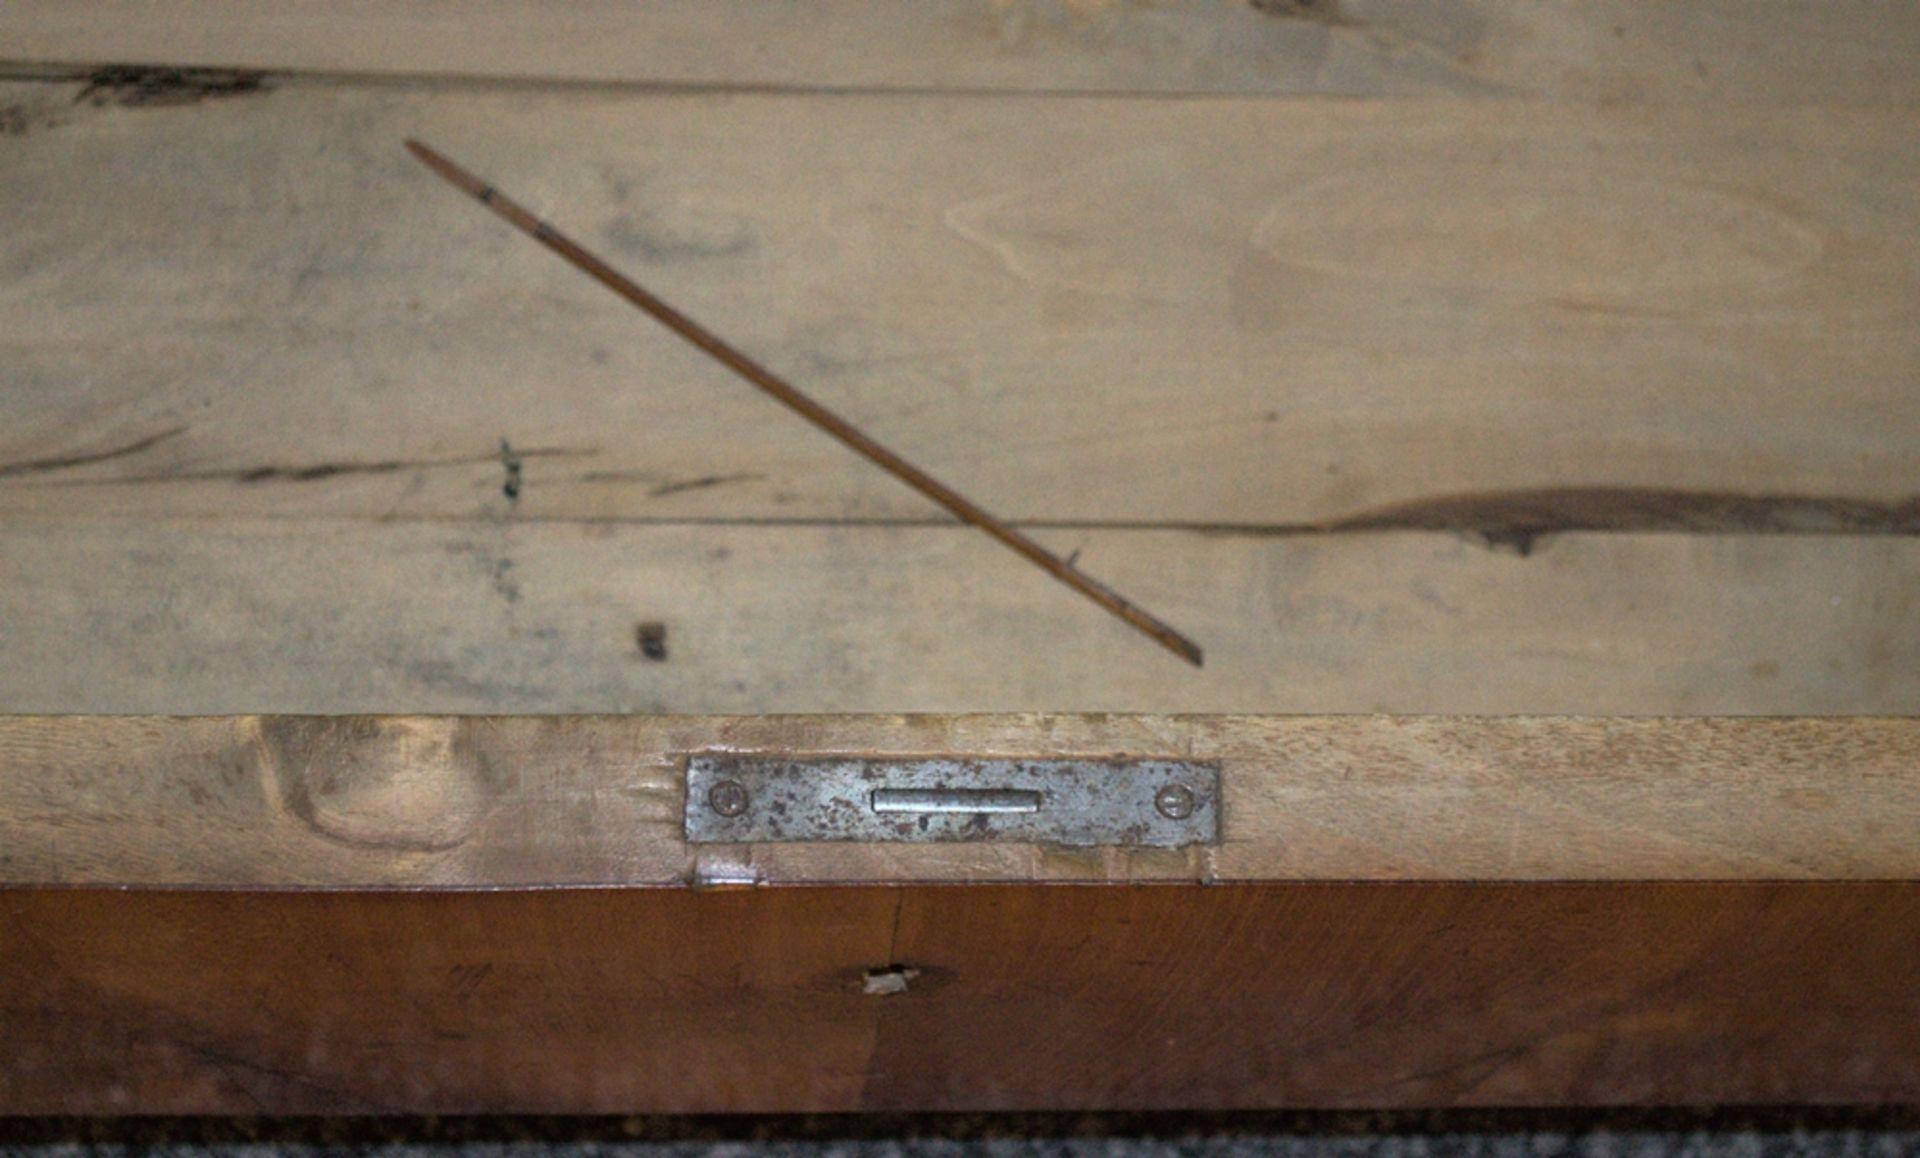 Zweitüriger Glasschrank/Bücherschrank/Vitrine. Norddeutsches Spätbiedermeier/Louis Philippe, 2. - Bild 9 aus 14